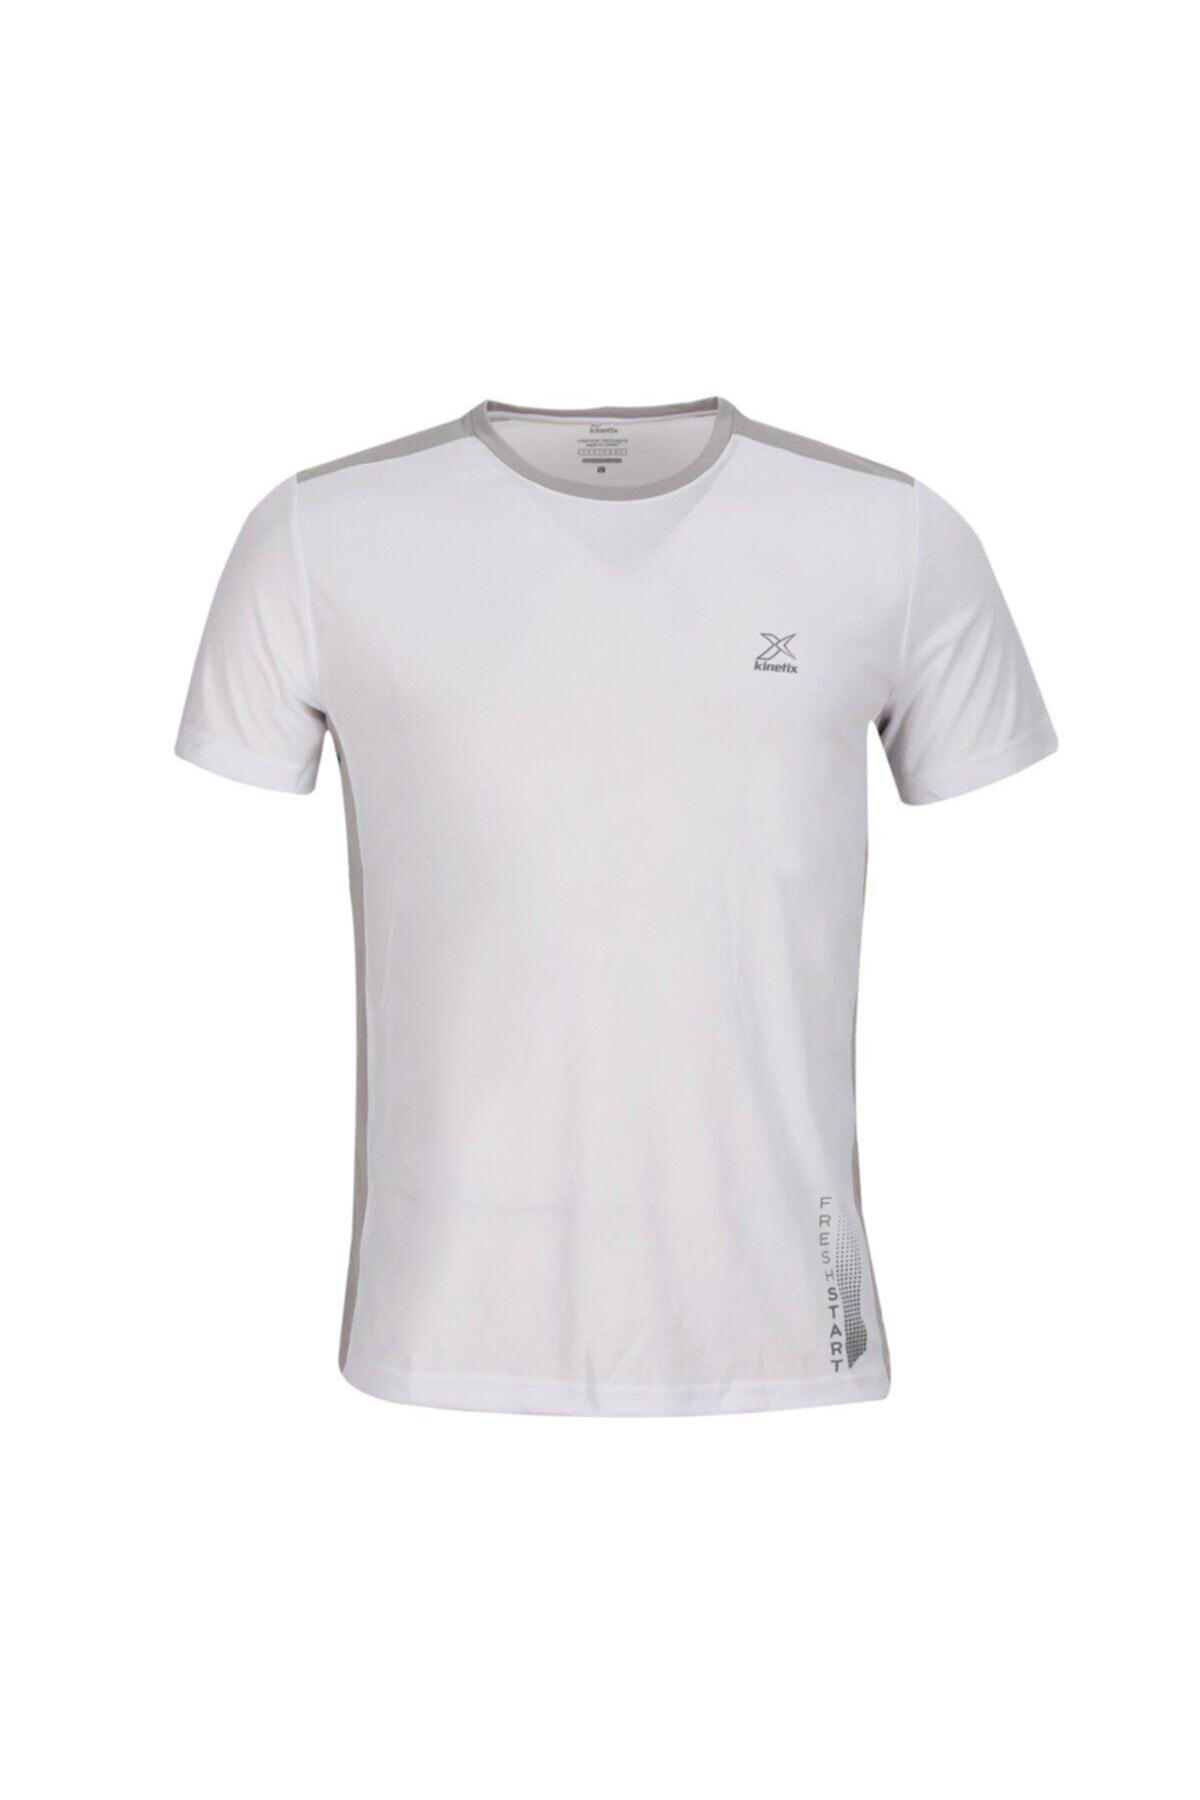 SN243 ETON T-SHIRT Beyaz Erkek T-Shirt 100583207